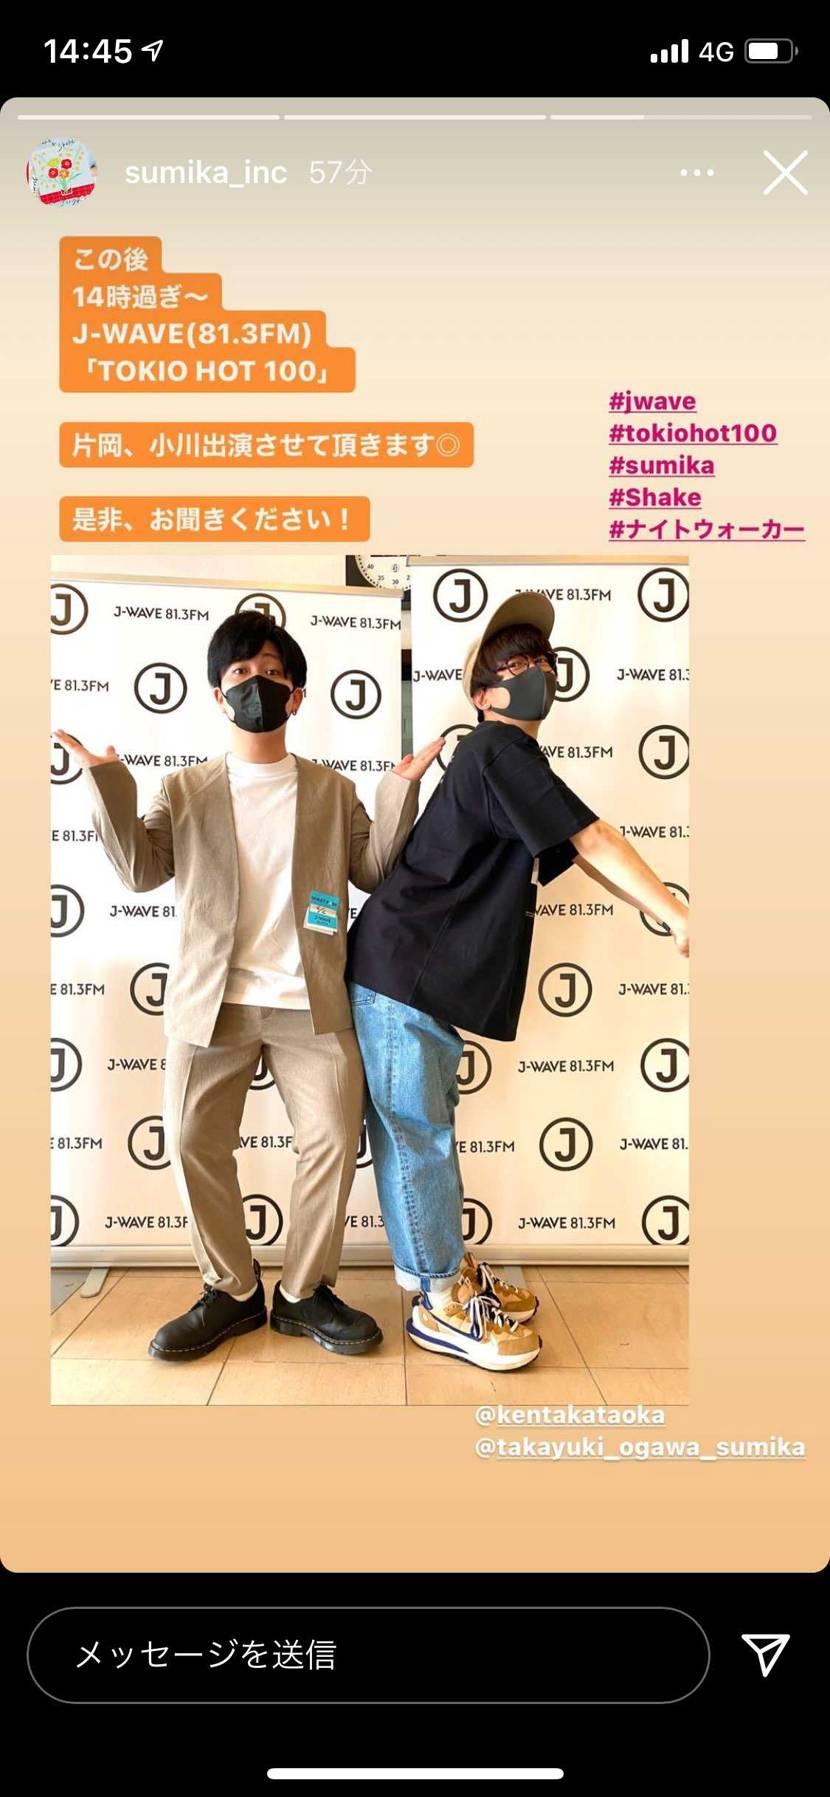 sumika片岡さん履いてますね!